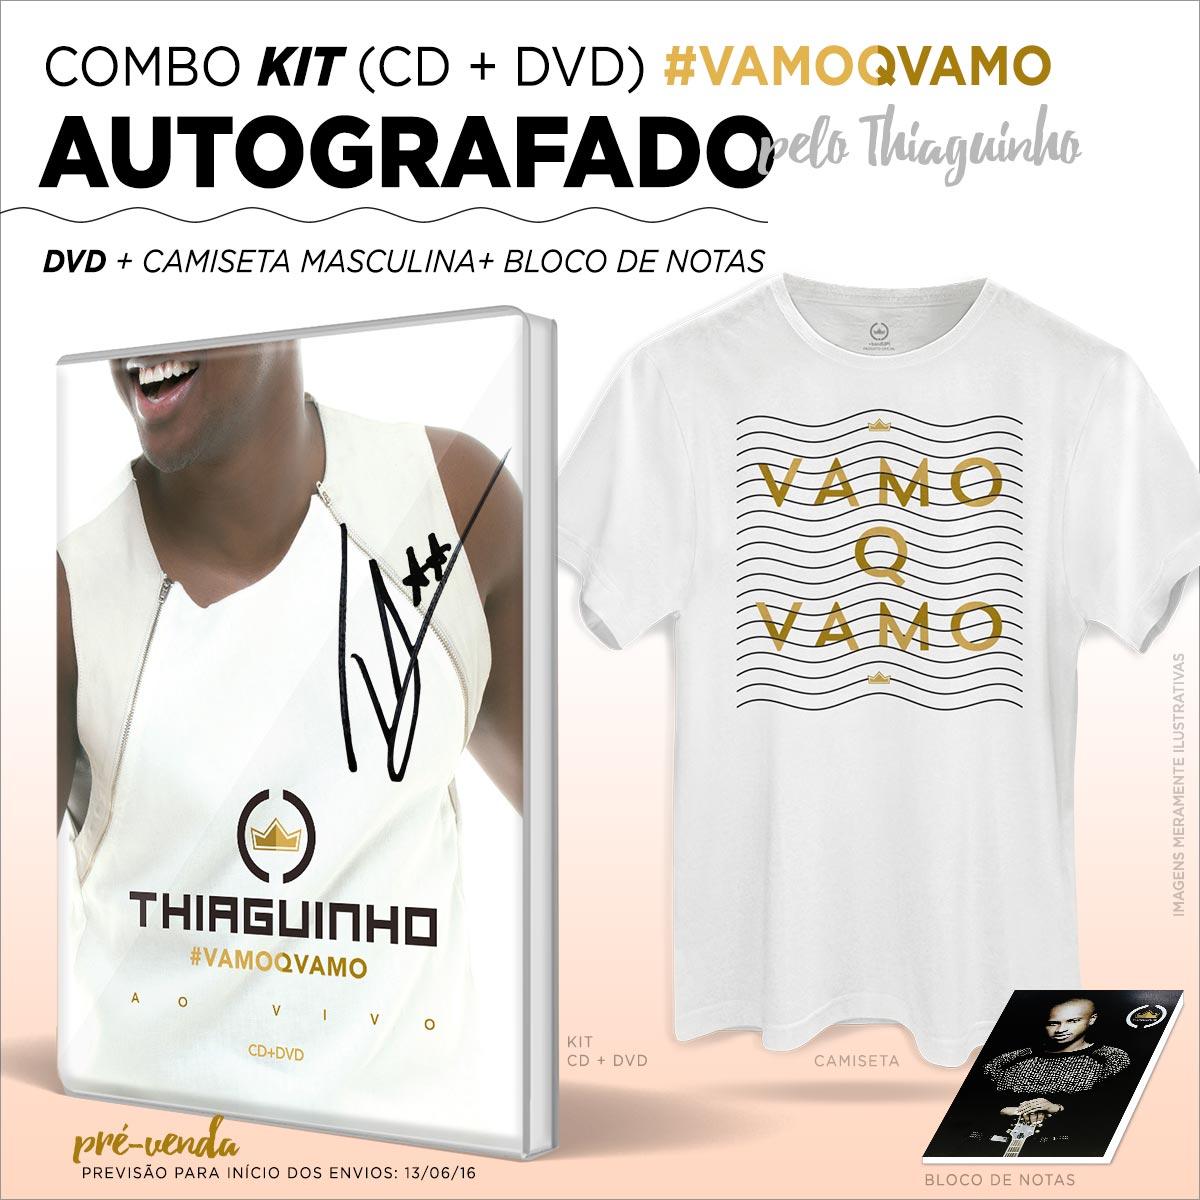 Combo Kit CD & DVD AUTOGRAFADO Thiaguinho #VamoQVamo + Camiseta Masculina